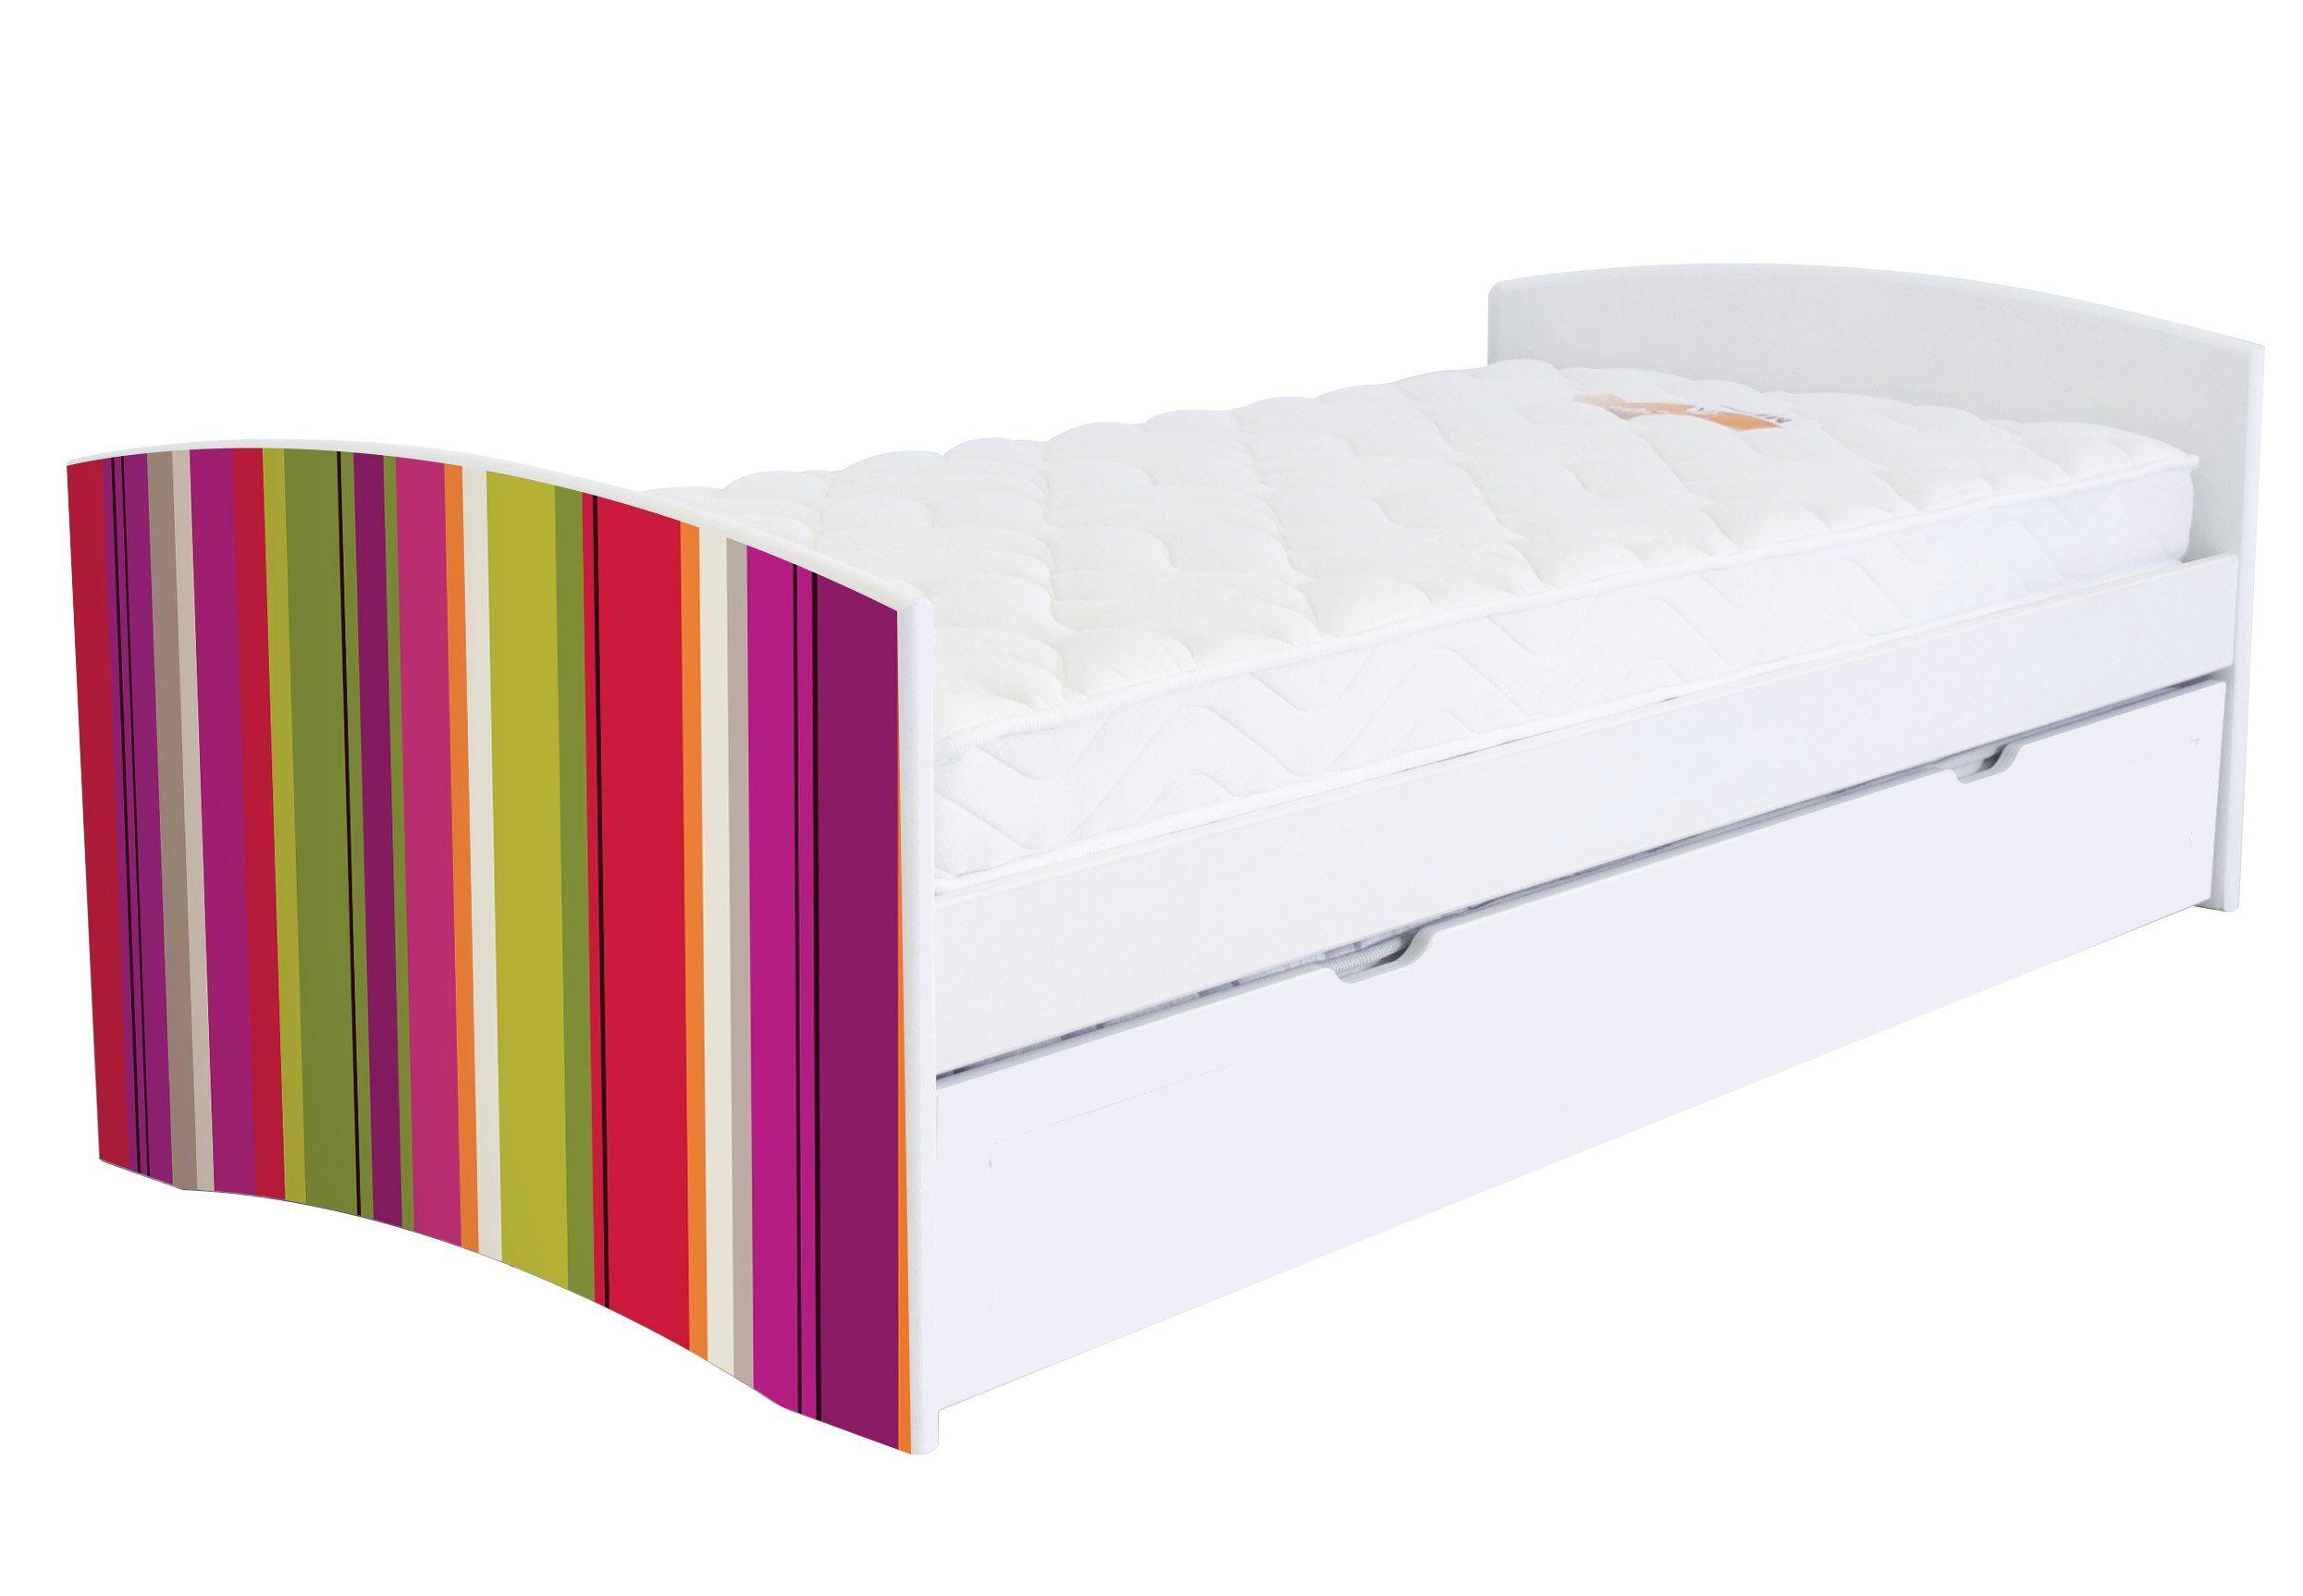 ABC MEUBLES Banquette lit gigogne Happy 90x190 bois et décor - 90x190 - Rayures Anis,Fuschia,Citrouille